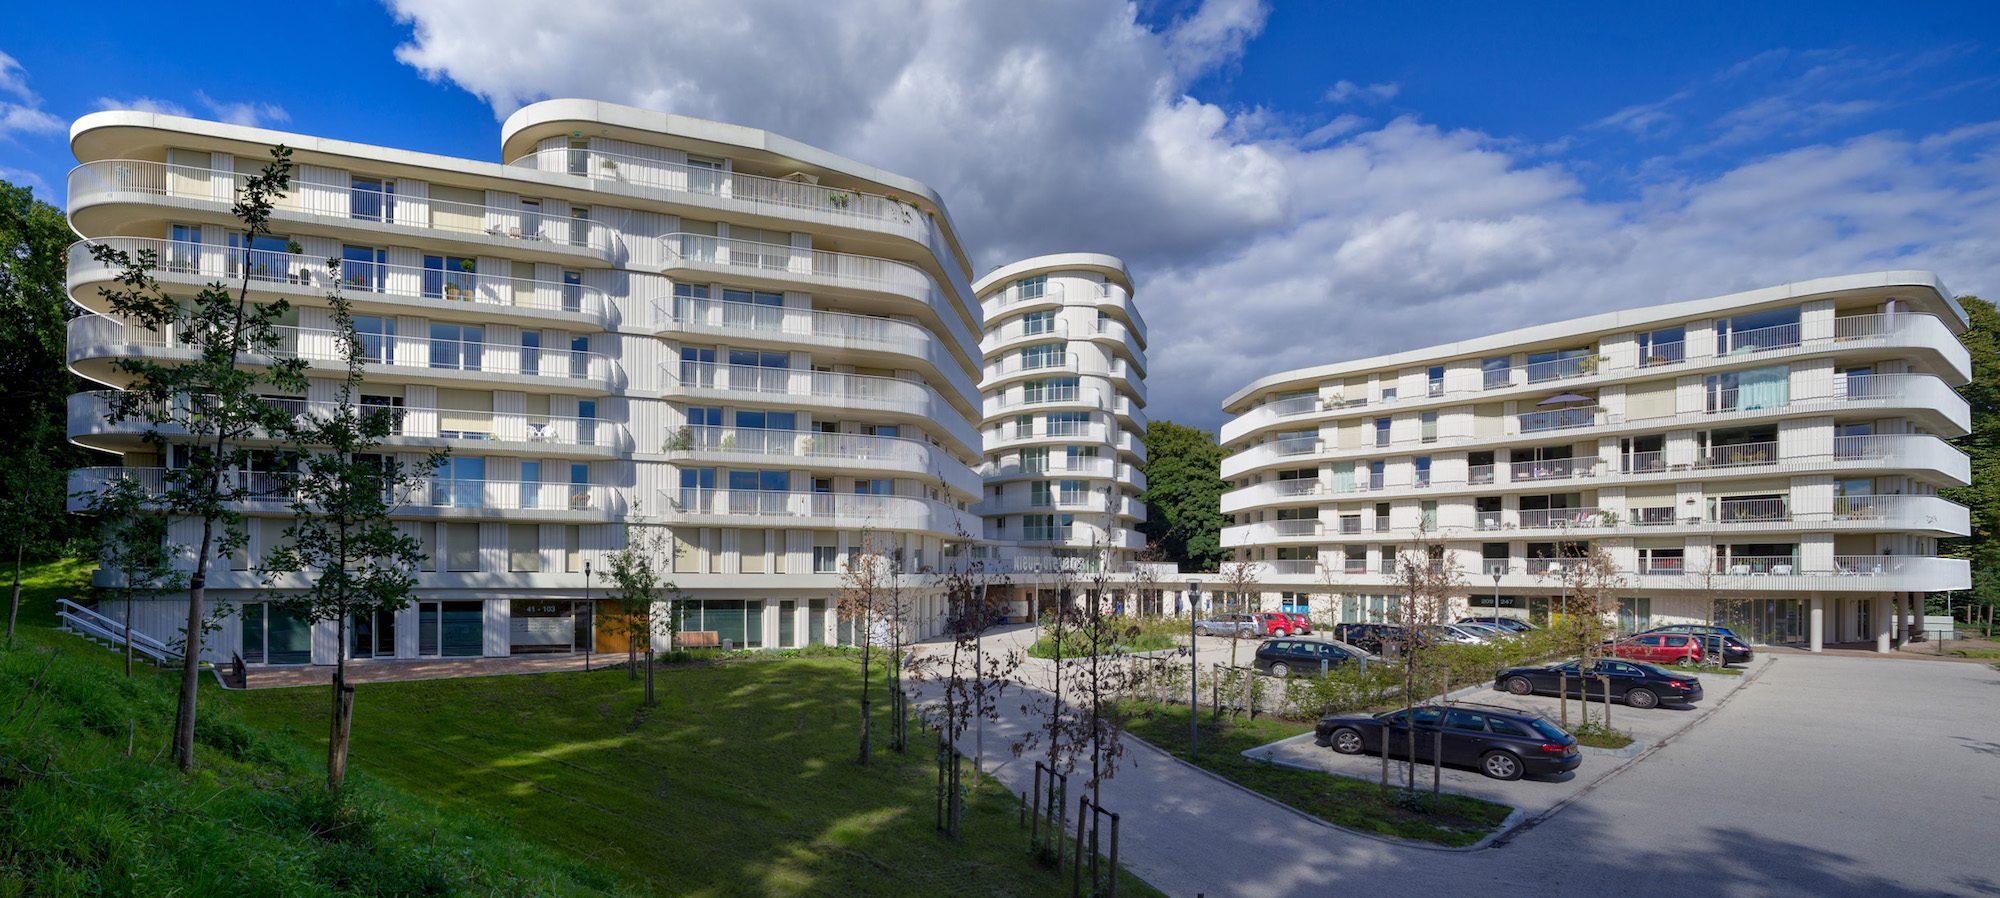 Nieuw Overbos, woonzorgcentrum, Heemstede © drost + van veen architecten bv